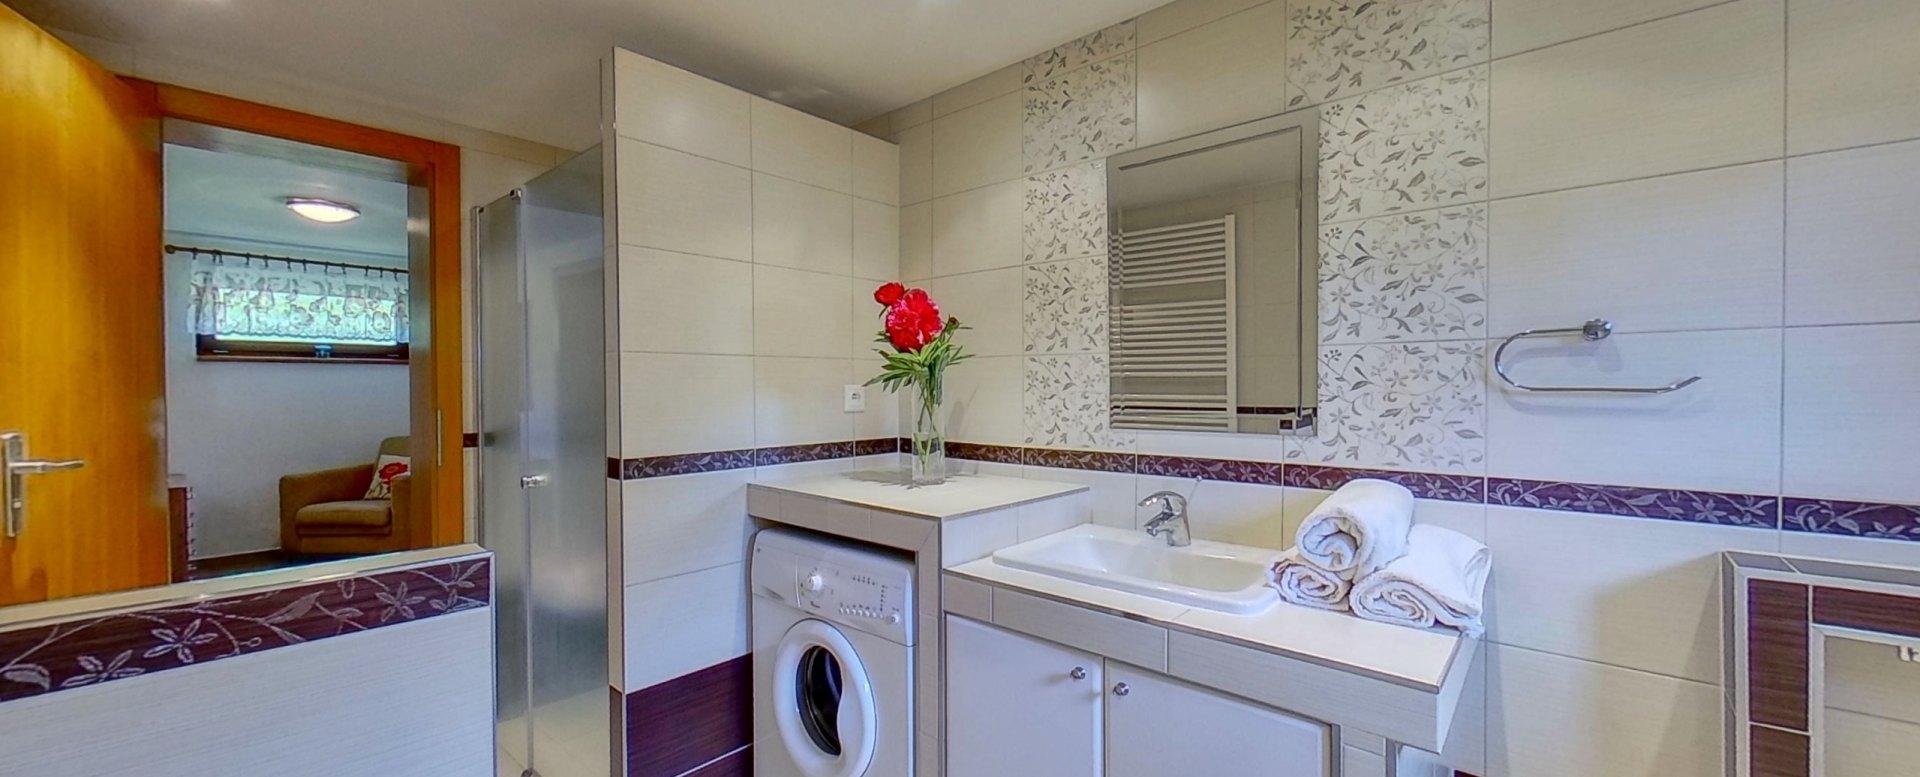 Kúpeľňa s vaňou, toaletou a sprchovým kútom